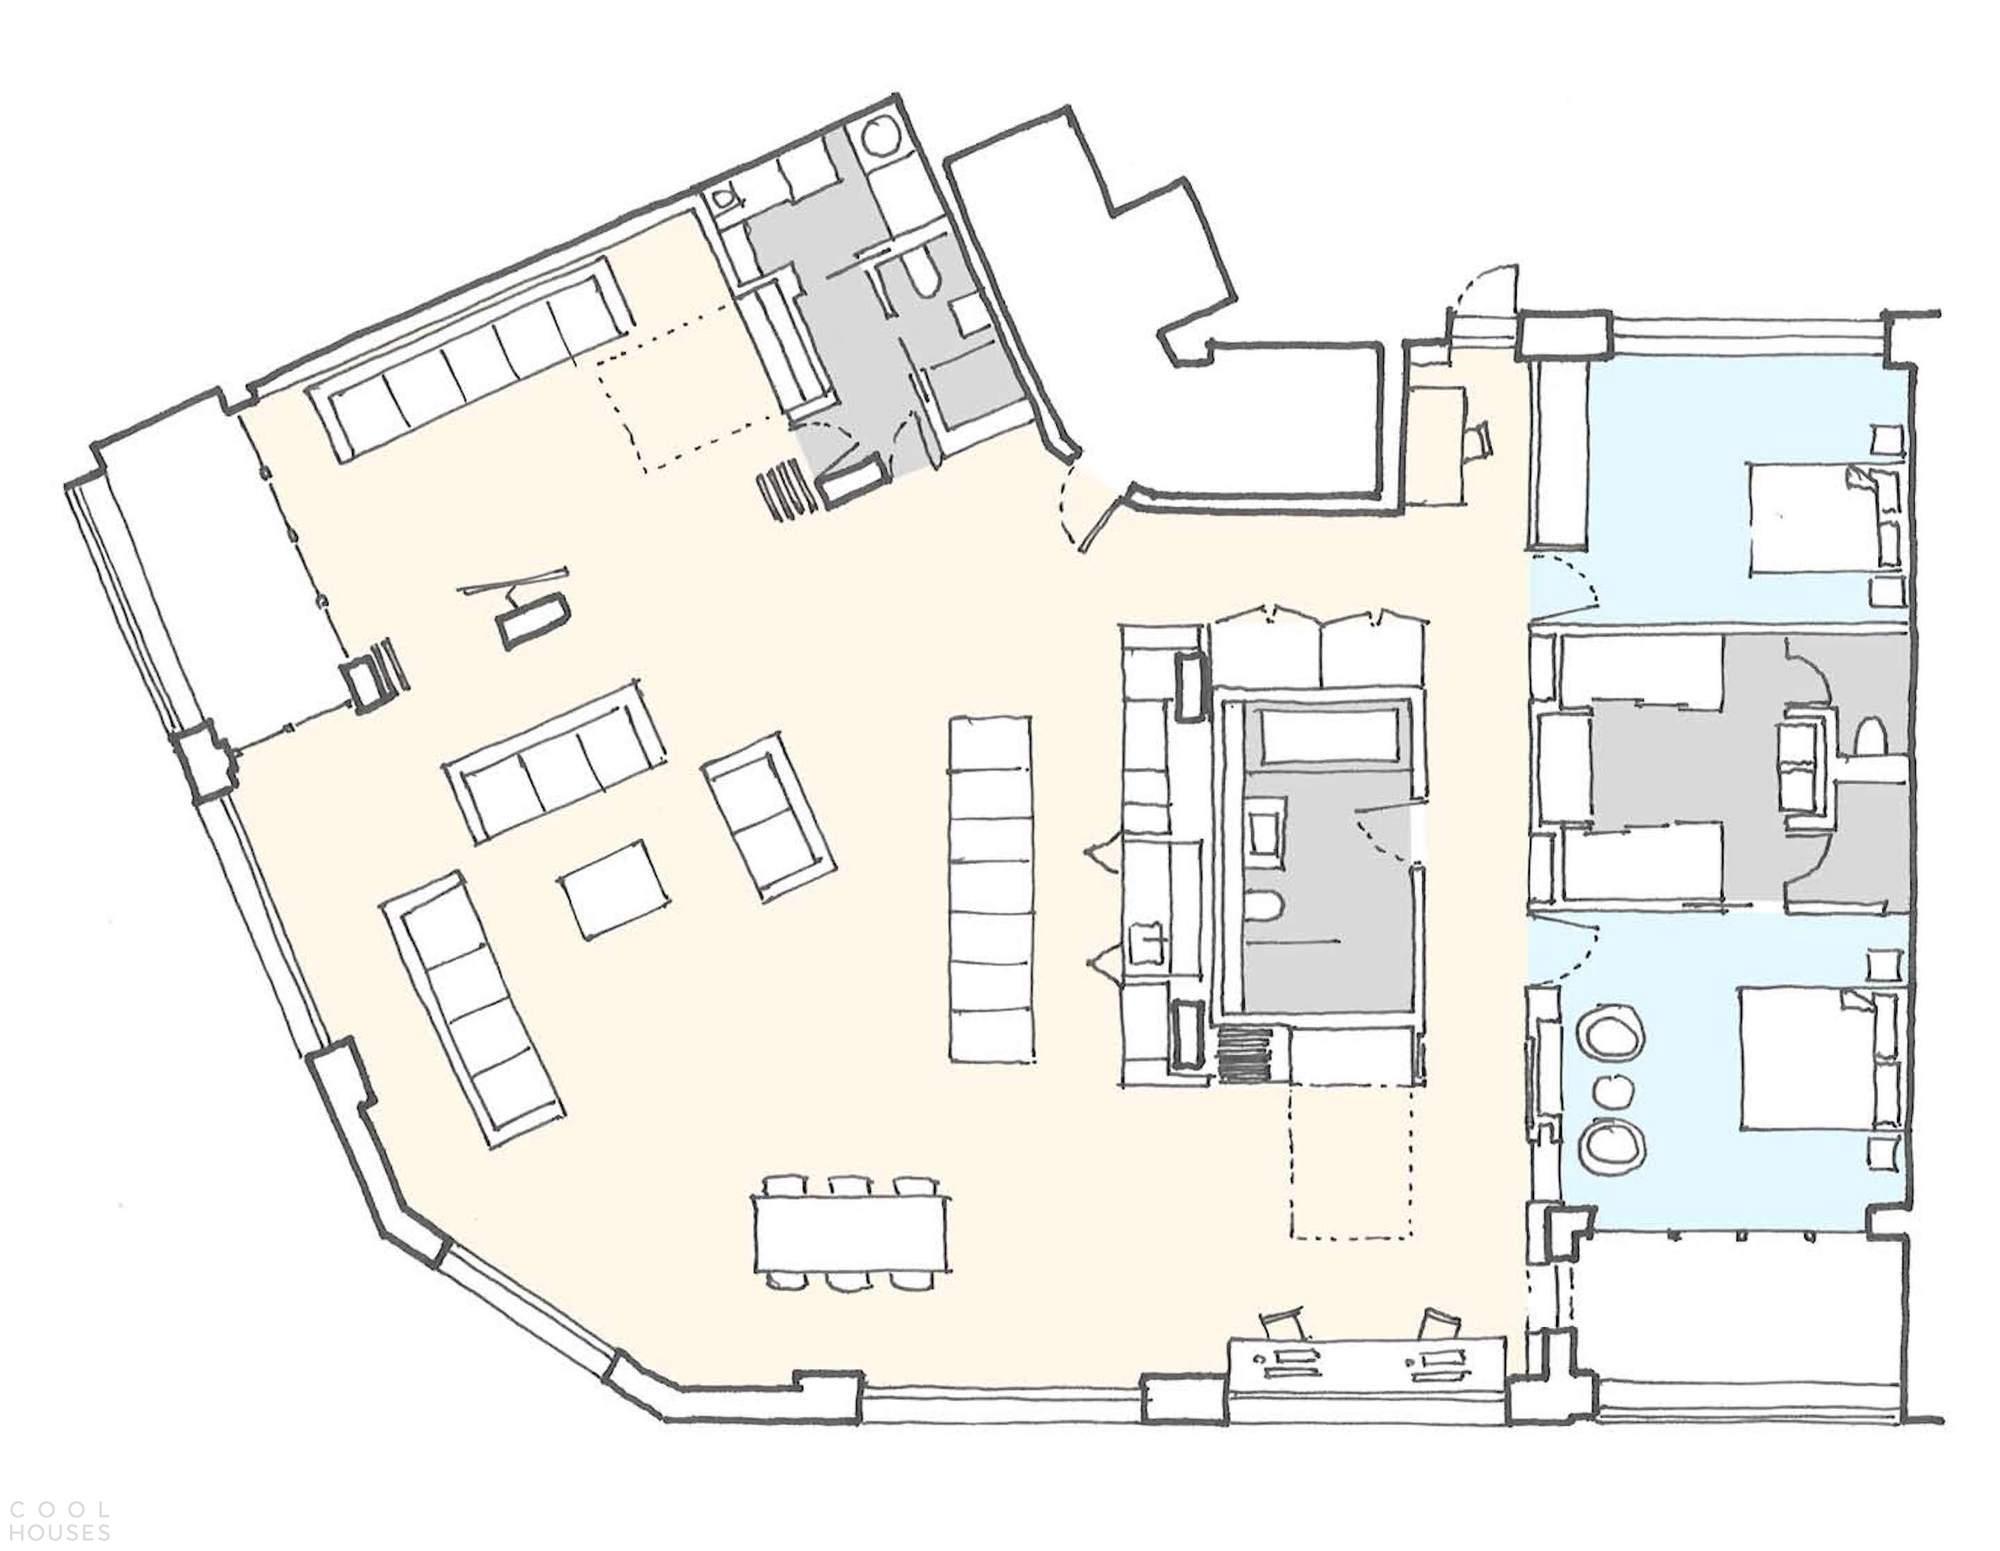 Лофт с урбанистическим дизайном интерьера в центре Лондона, Англия